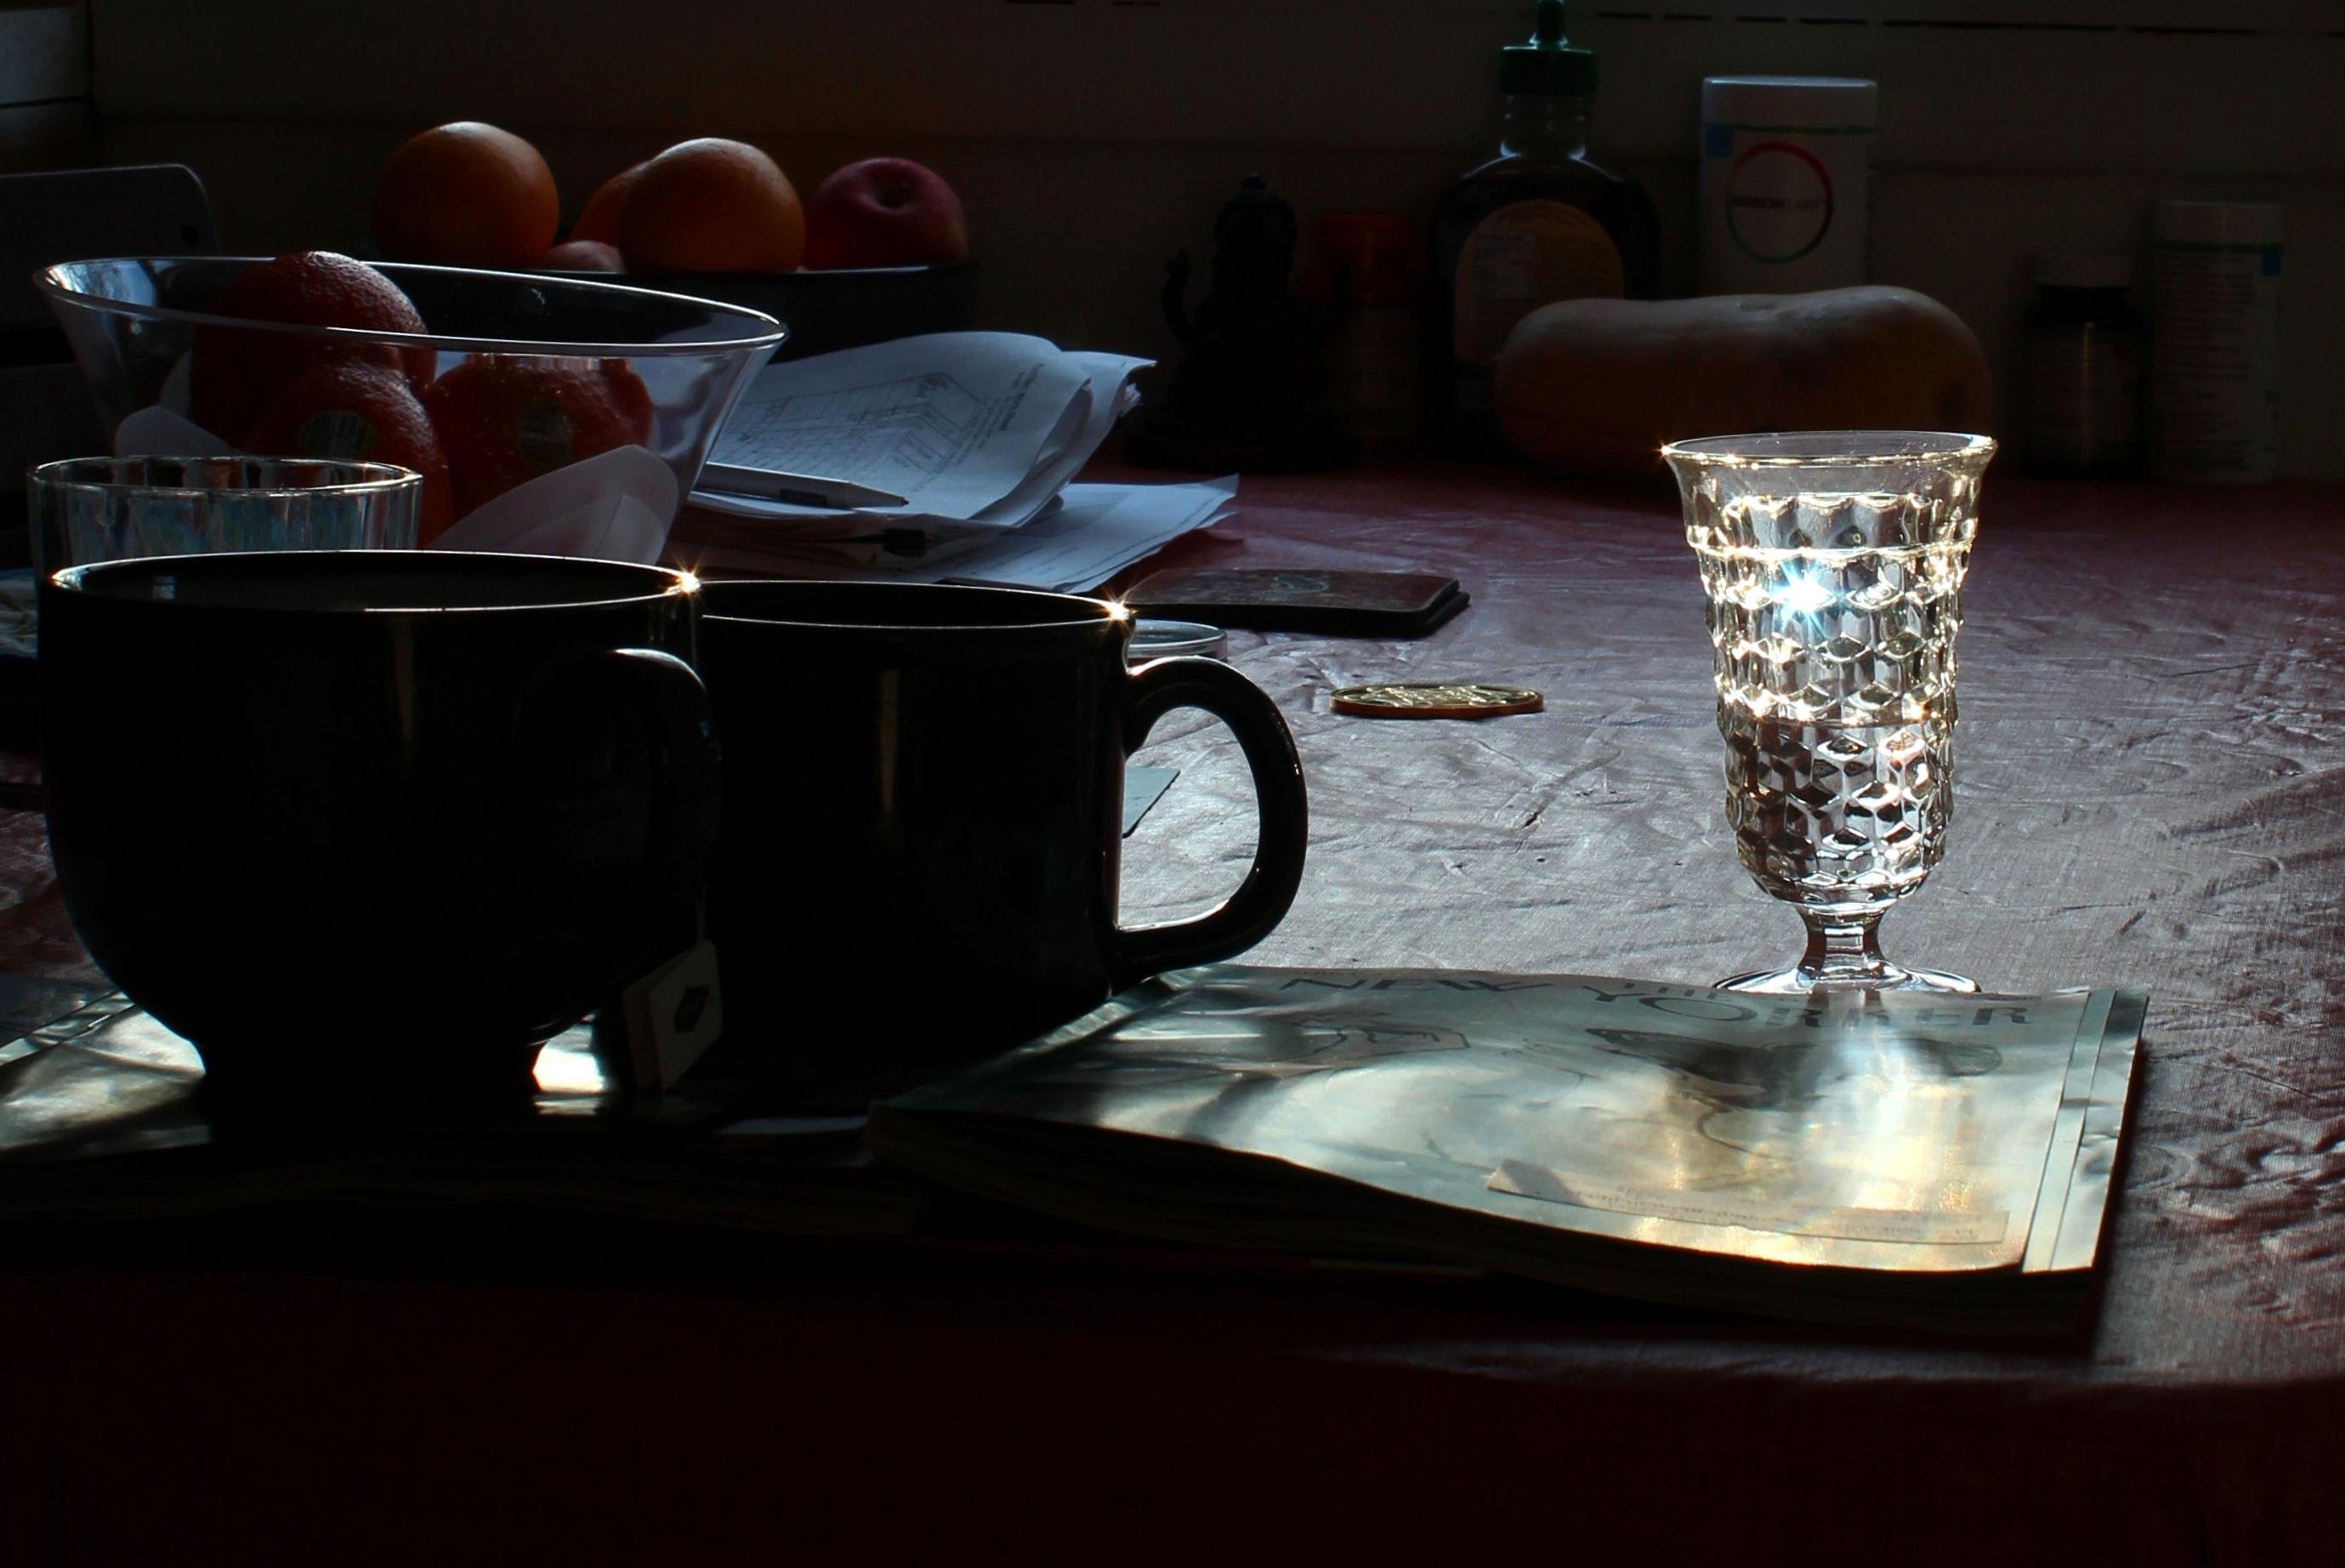 Sfondi : tavolo sedia bicchiere cucina interior design luce